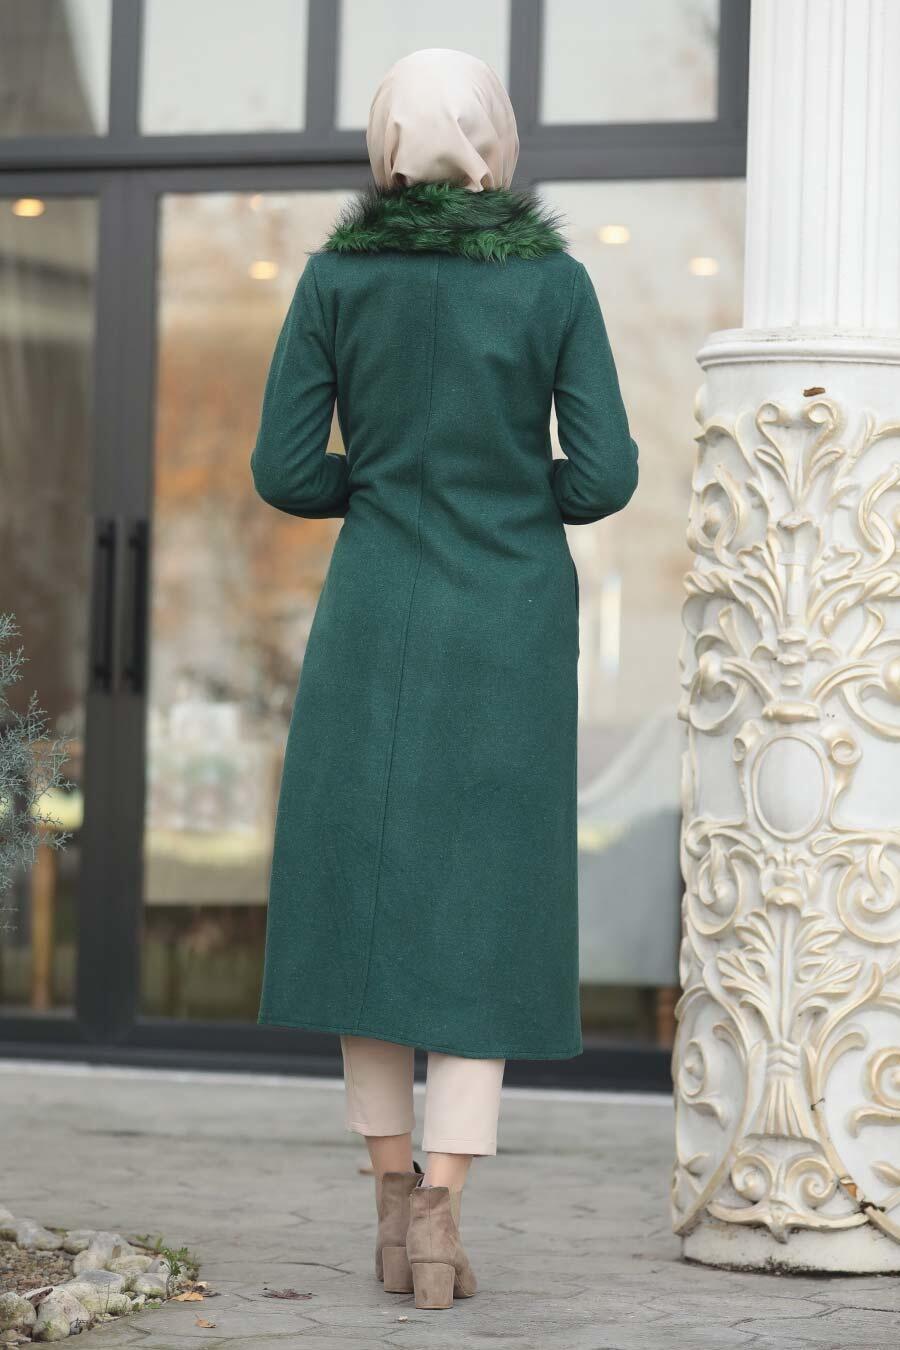 Neva Style - Green Hijab Coat 5098Y